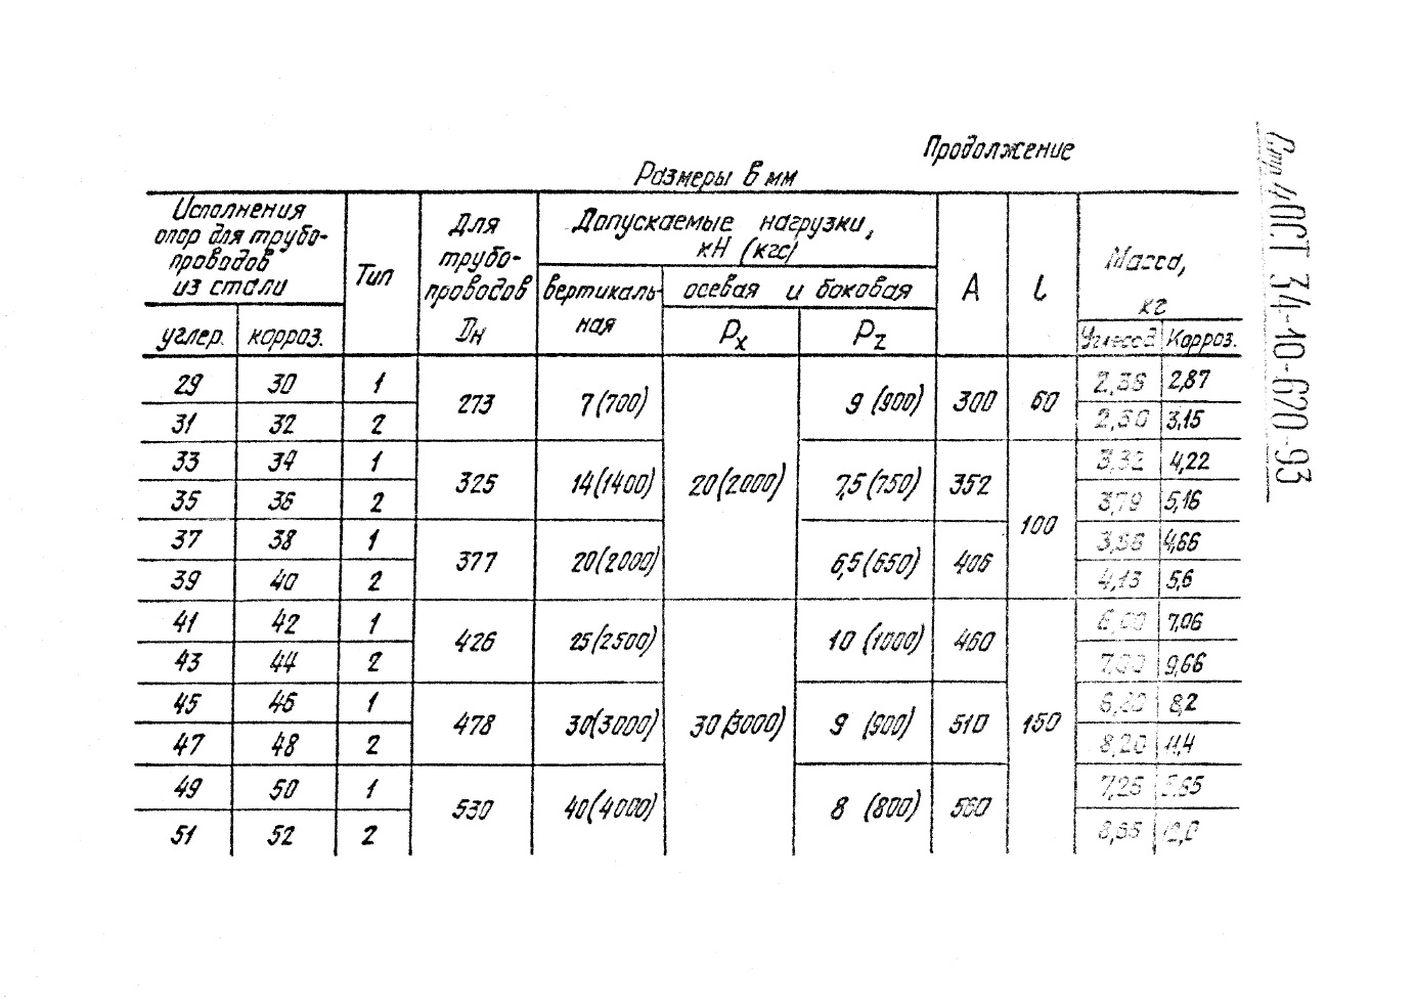 Опоры скользящие и неподвижные с направляющим хомутом ОСТ 34-10-620-93 стр.4